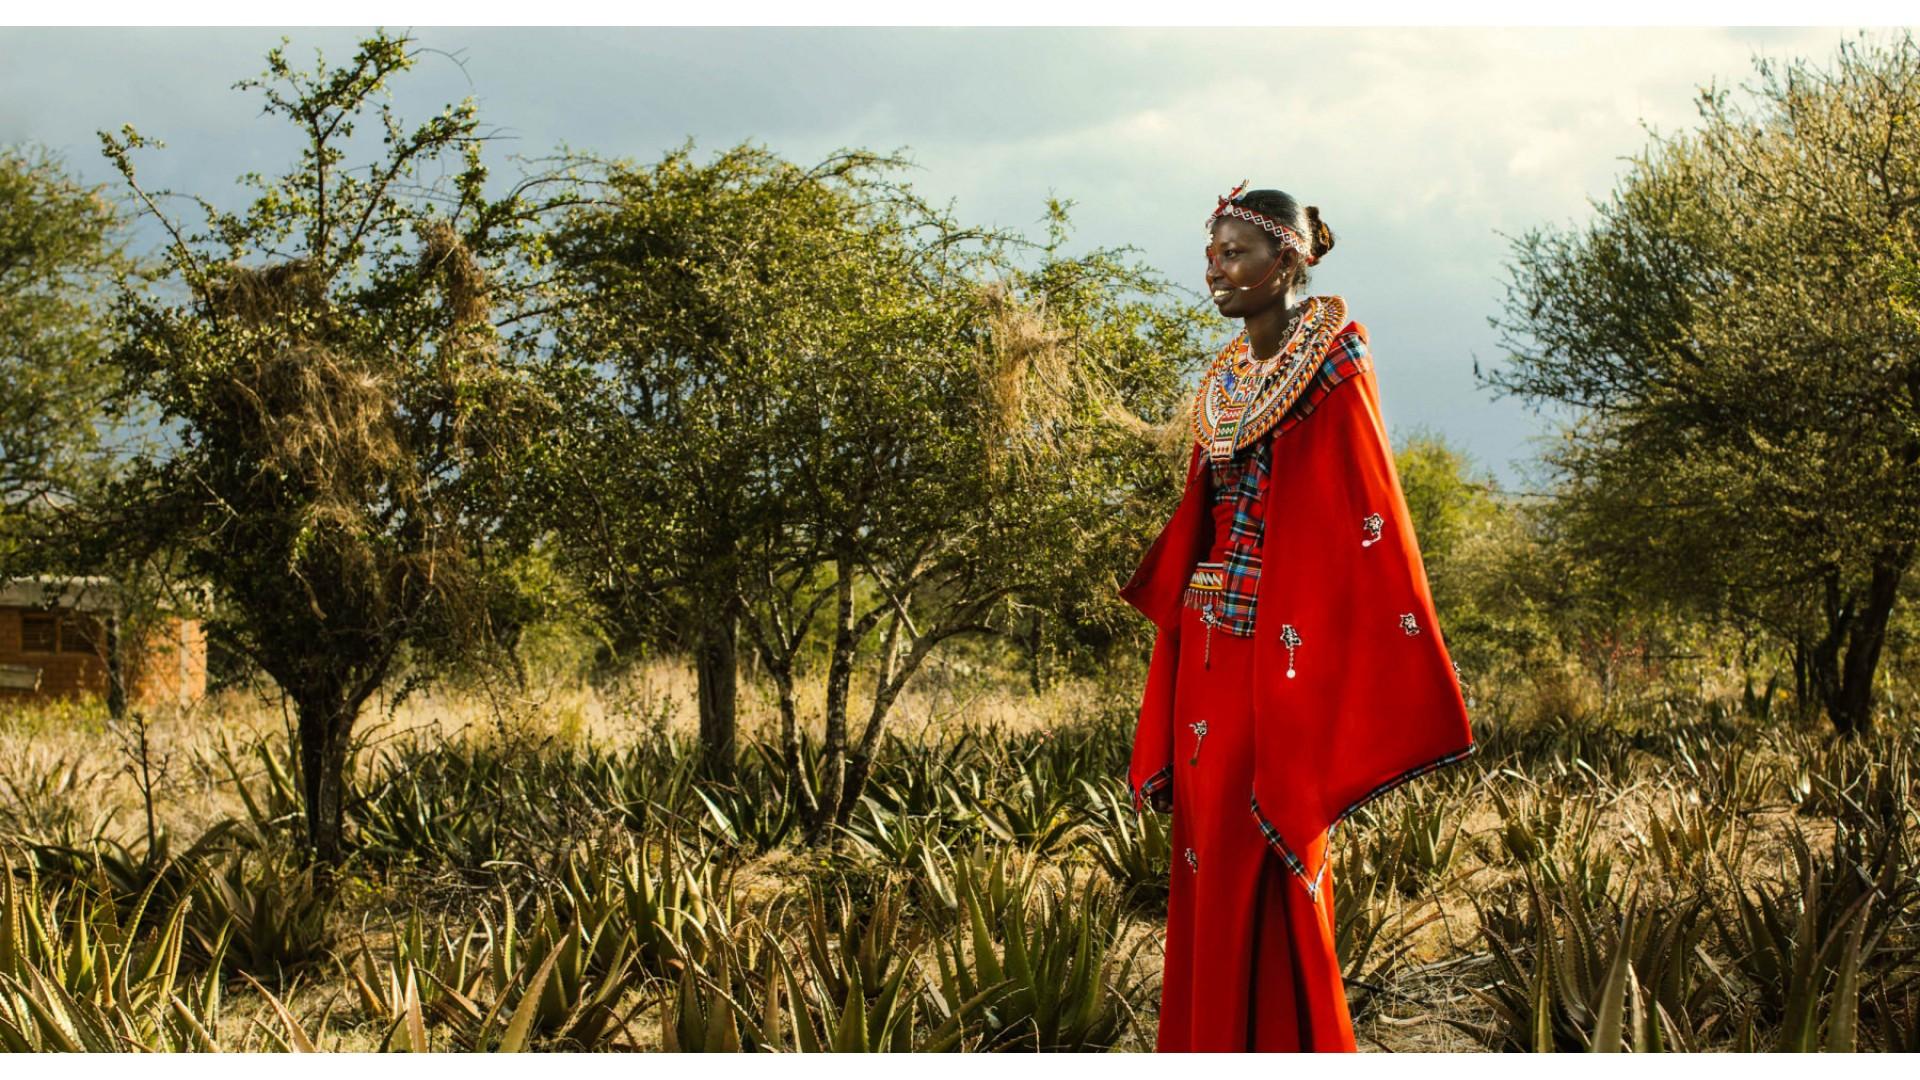 Priča o aloi: kako žene plemena Maasai osnažuju djevojke